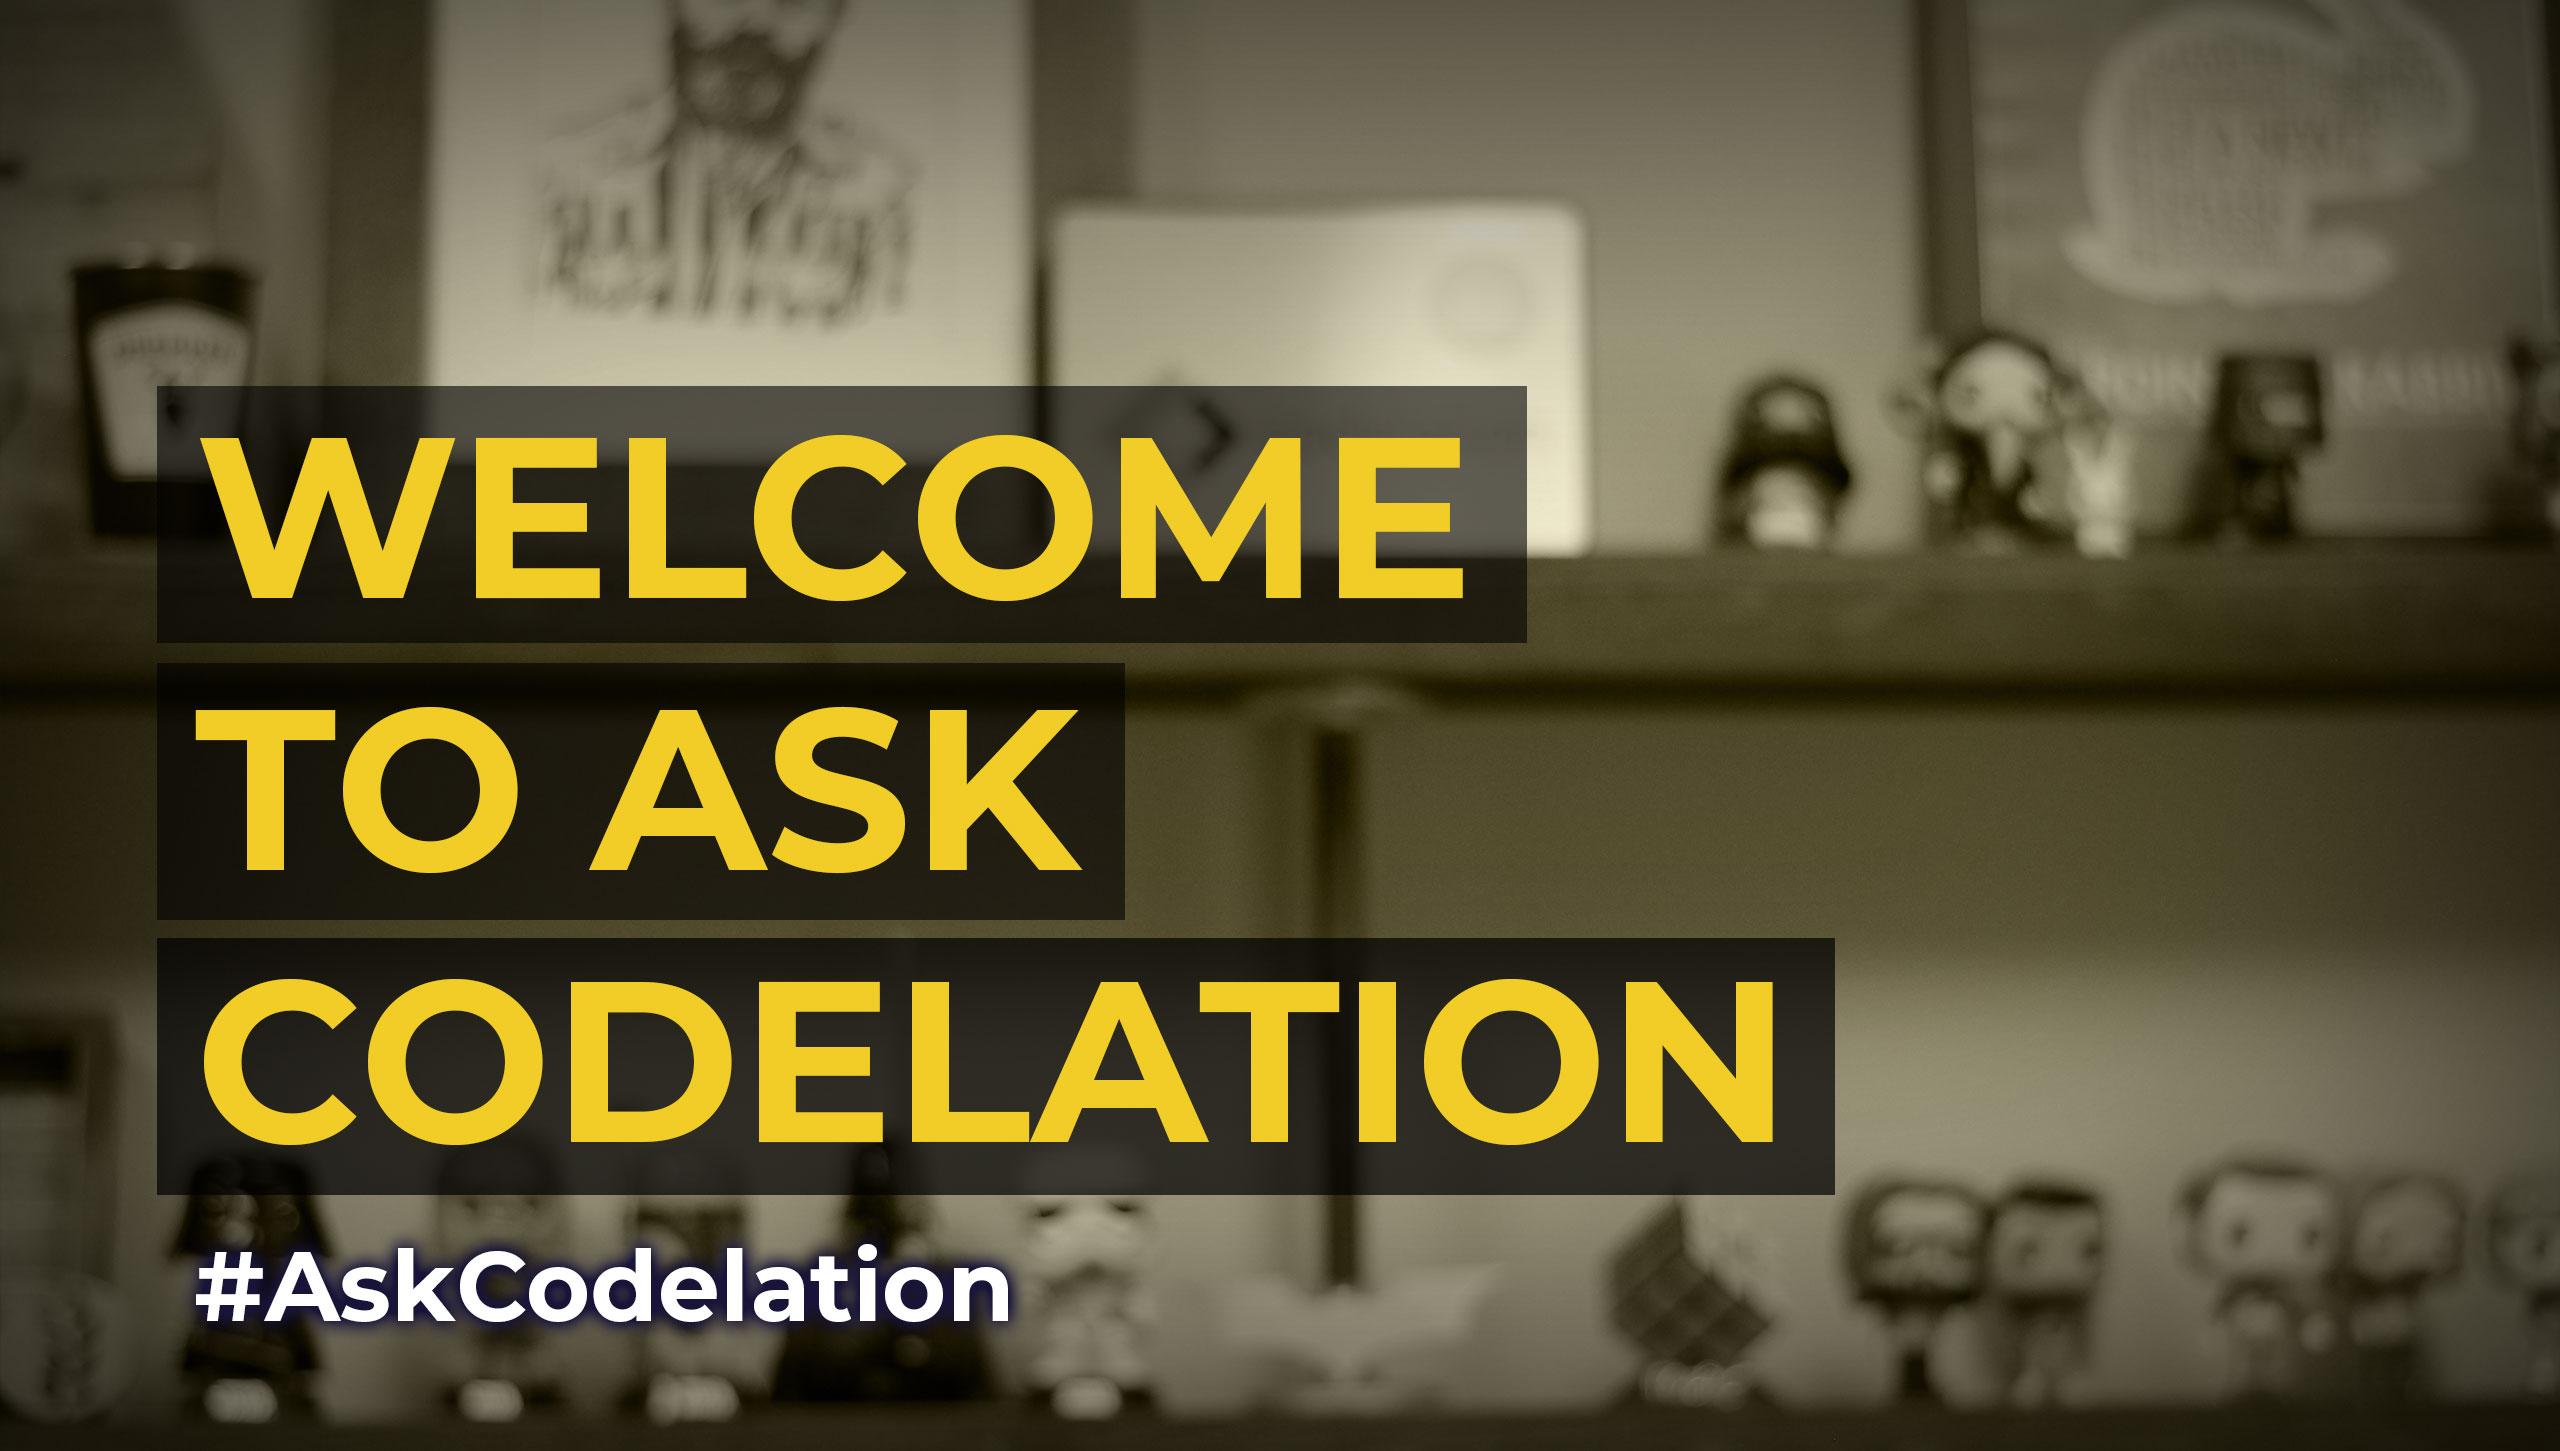 Welcome to #AskCodelation